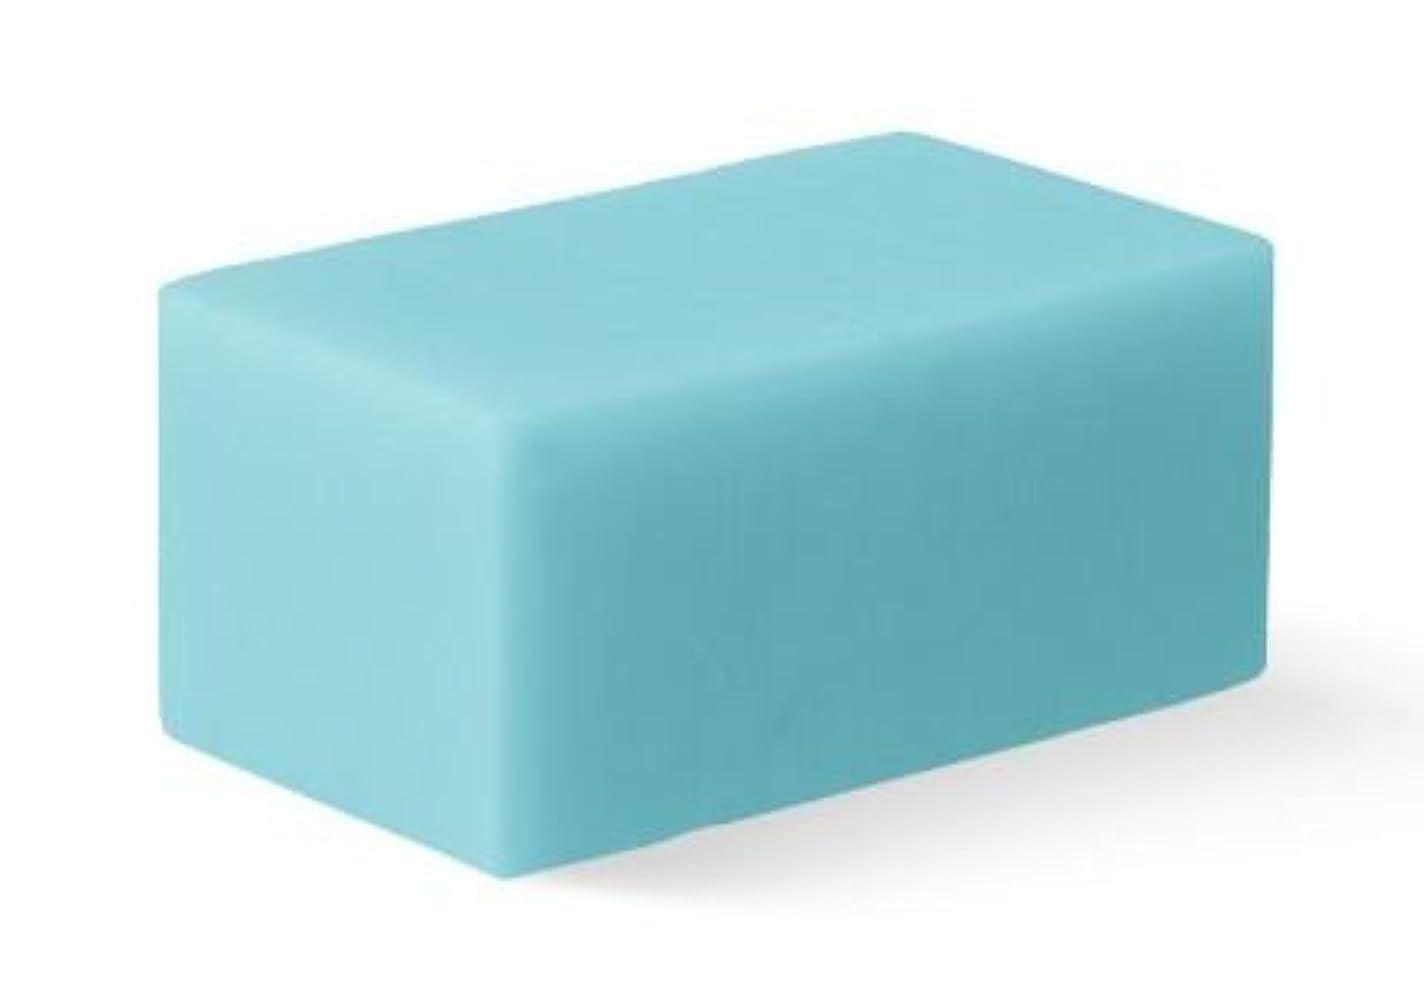 時々護衛歯科医[Abib] Facial Soap blue Brick 100g /[アビブ]フェイシャルソープブルー ブリック100g [並行輸入品]